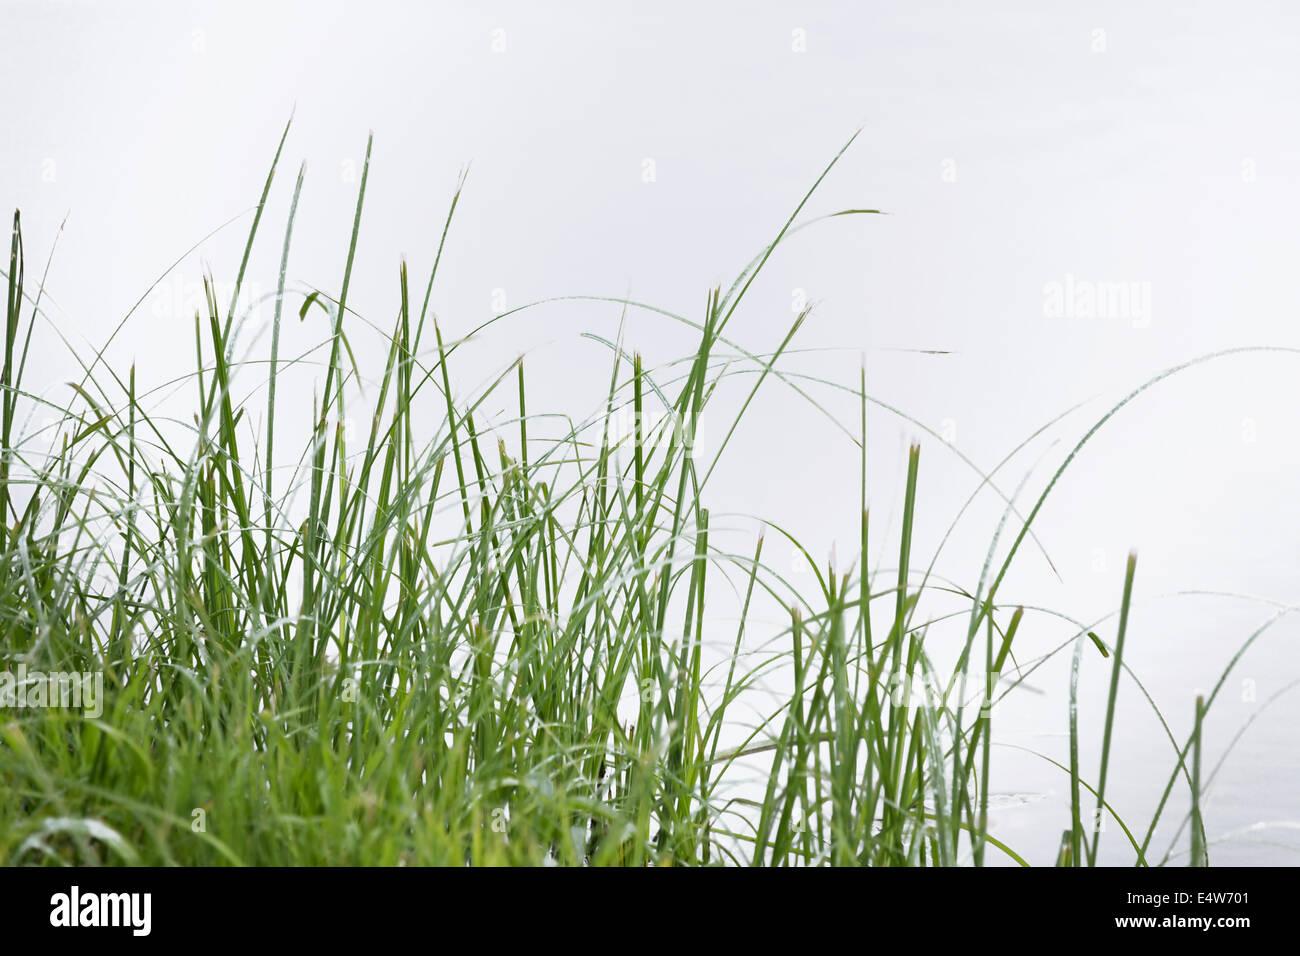 Lames de l'eté vert herbe Photo Stock